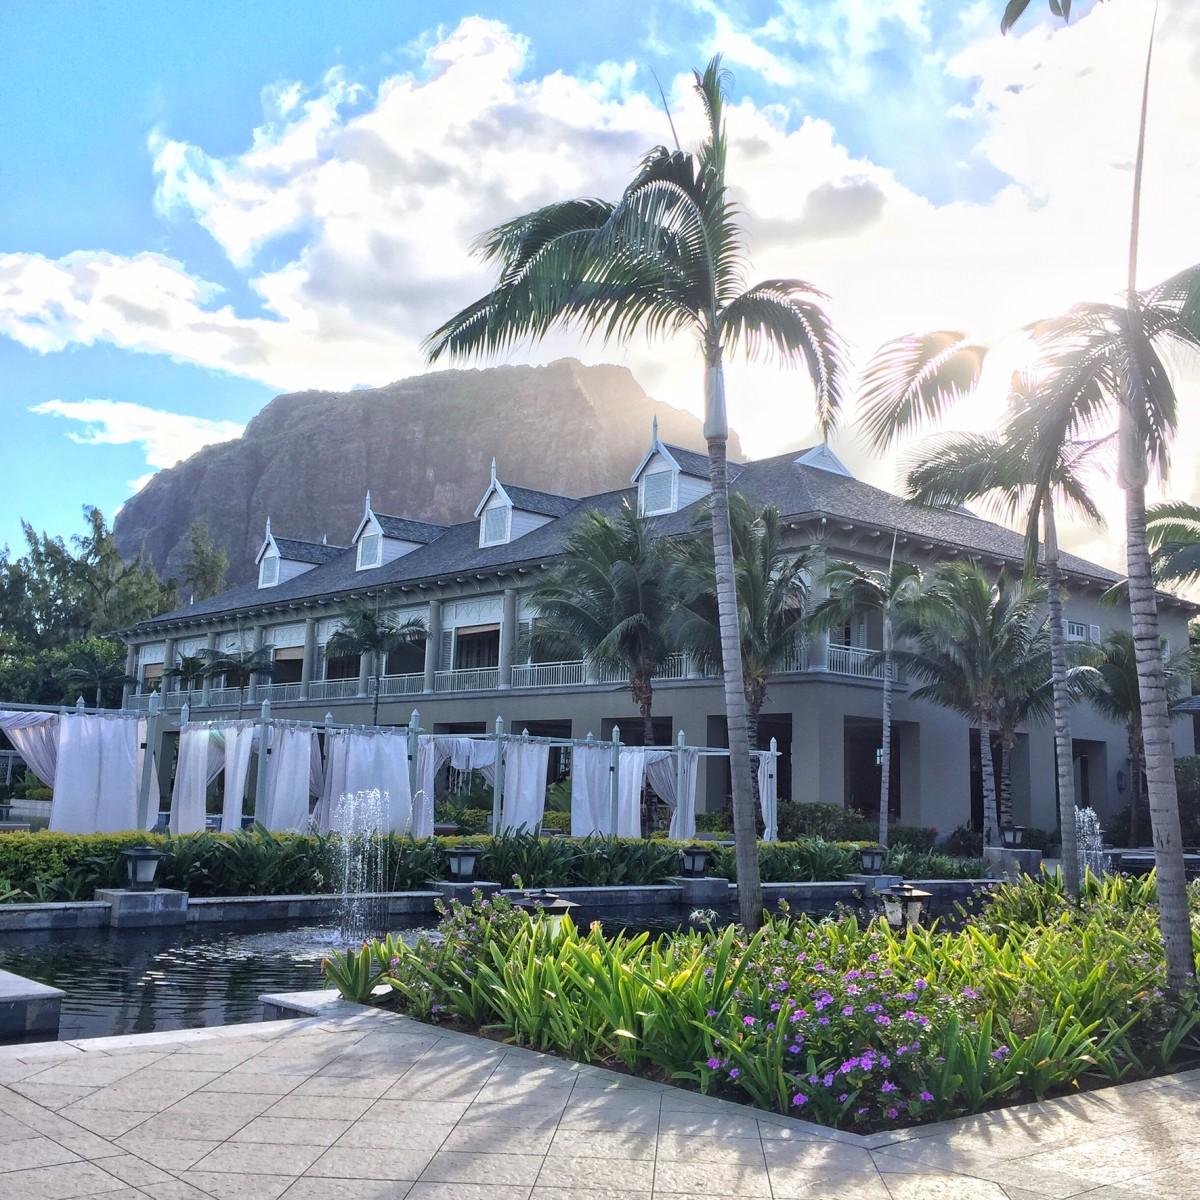 St. Regis Hotel Mauritius